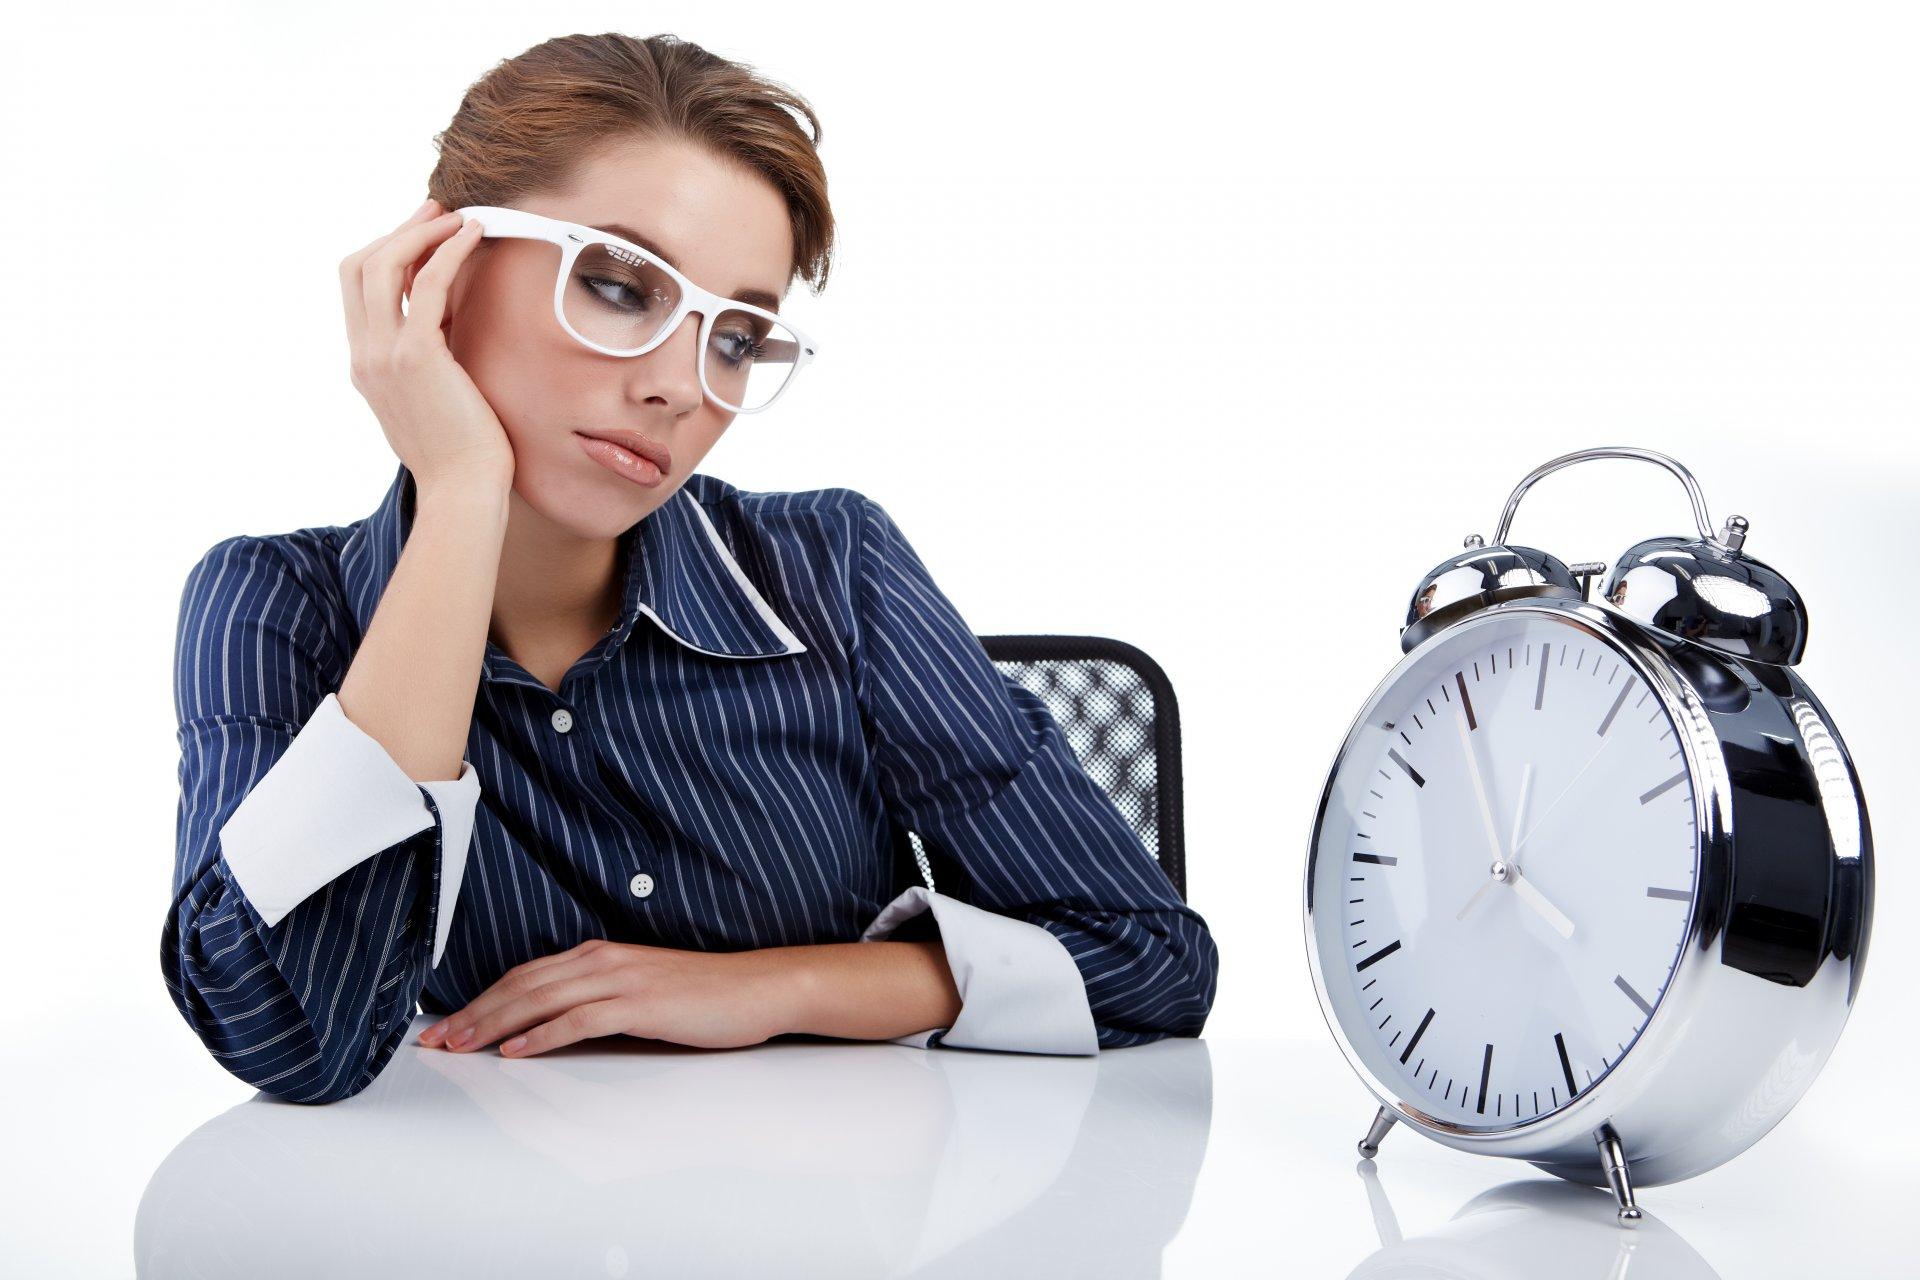 все поиск фото часы работы речь